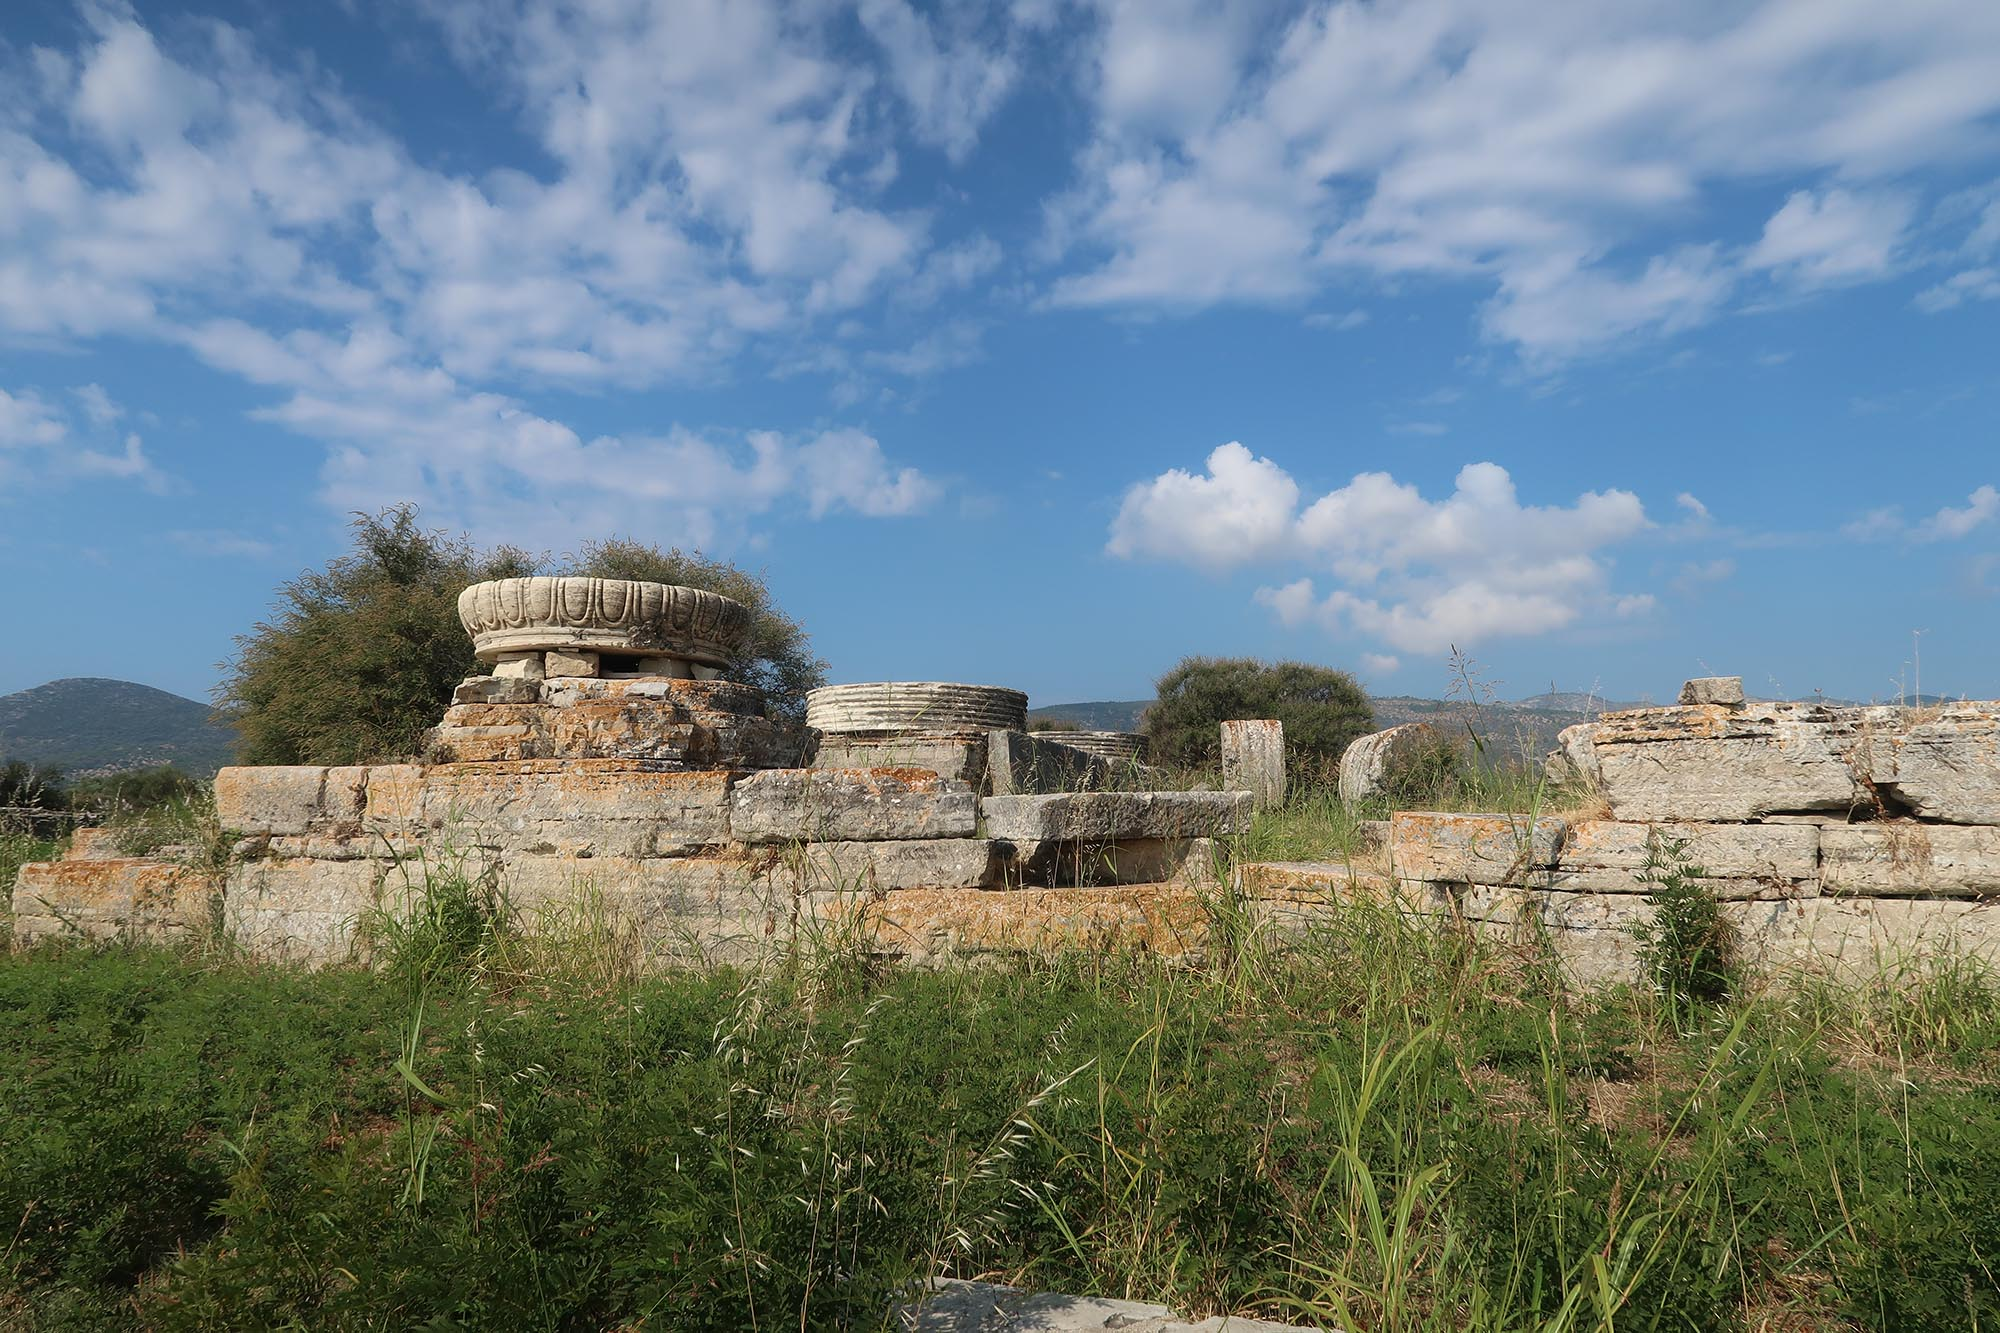 Utflykt på Samos med bland annat stopp på Heras Tempel